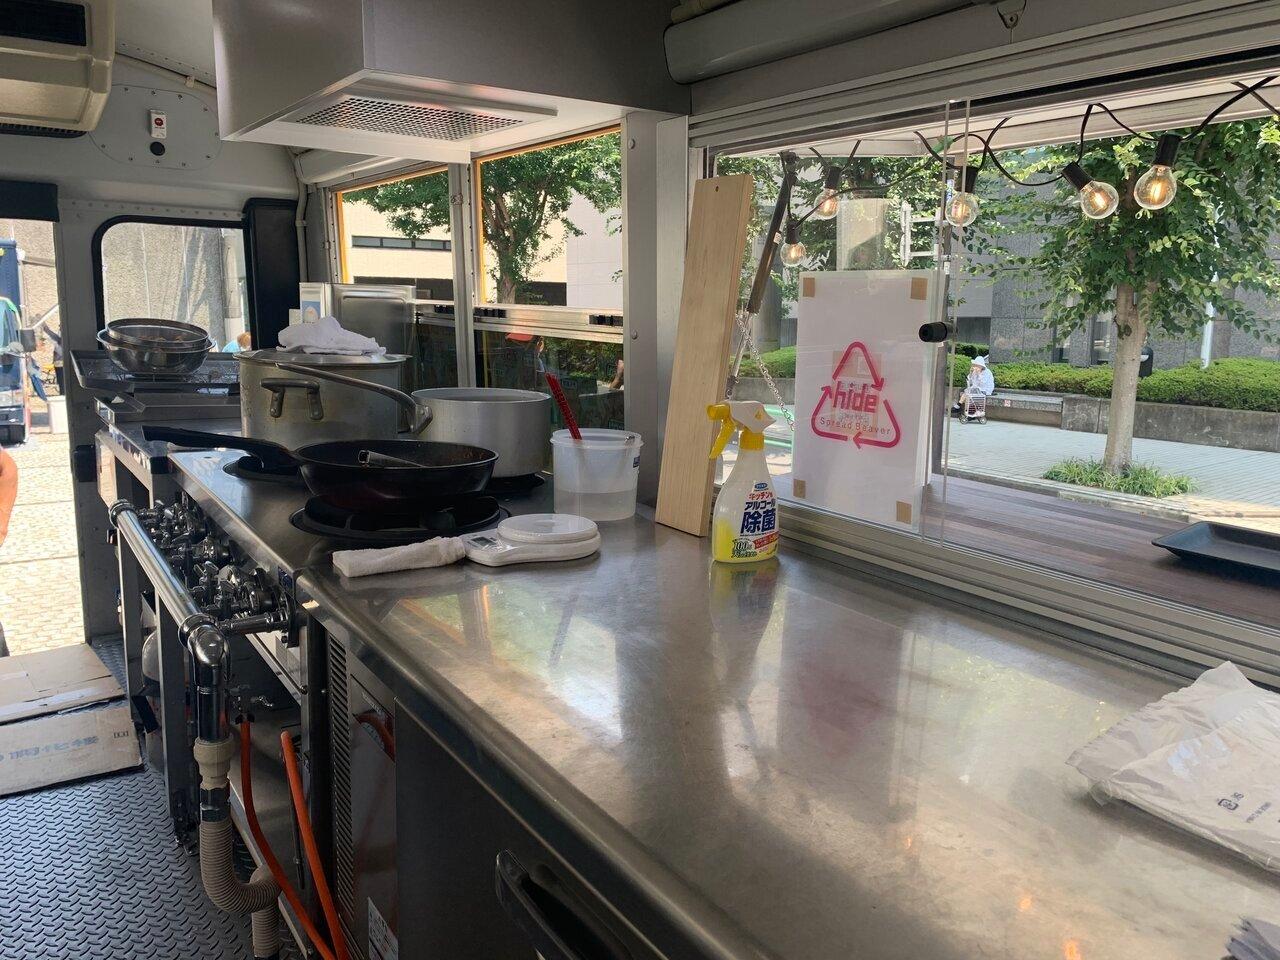 何が変わった!?キッチンカーに関する保健所の営業許可・食品衛生法(2021年7月14日更新) - Foodtruck magazine.